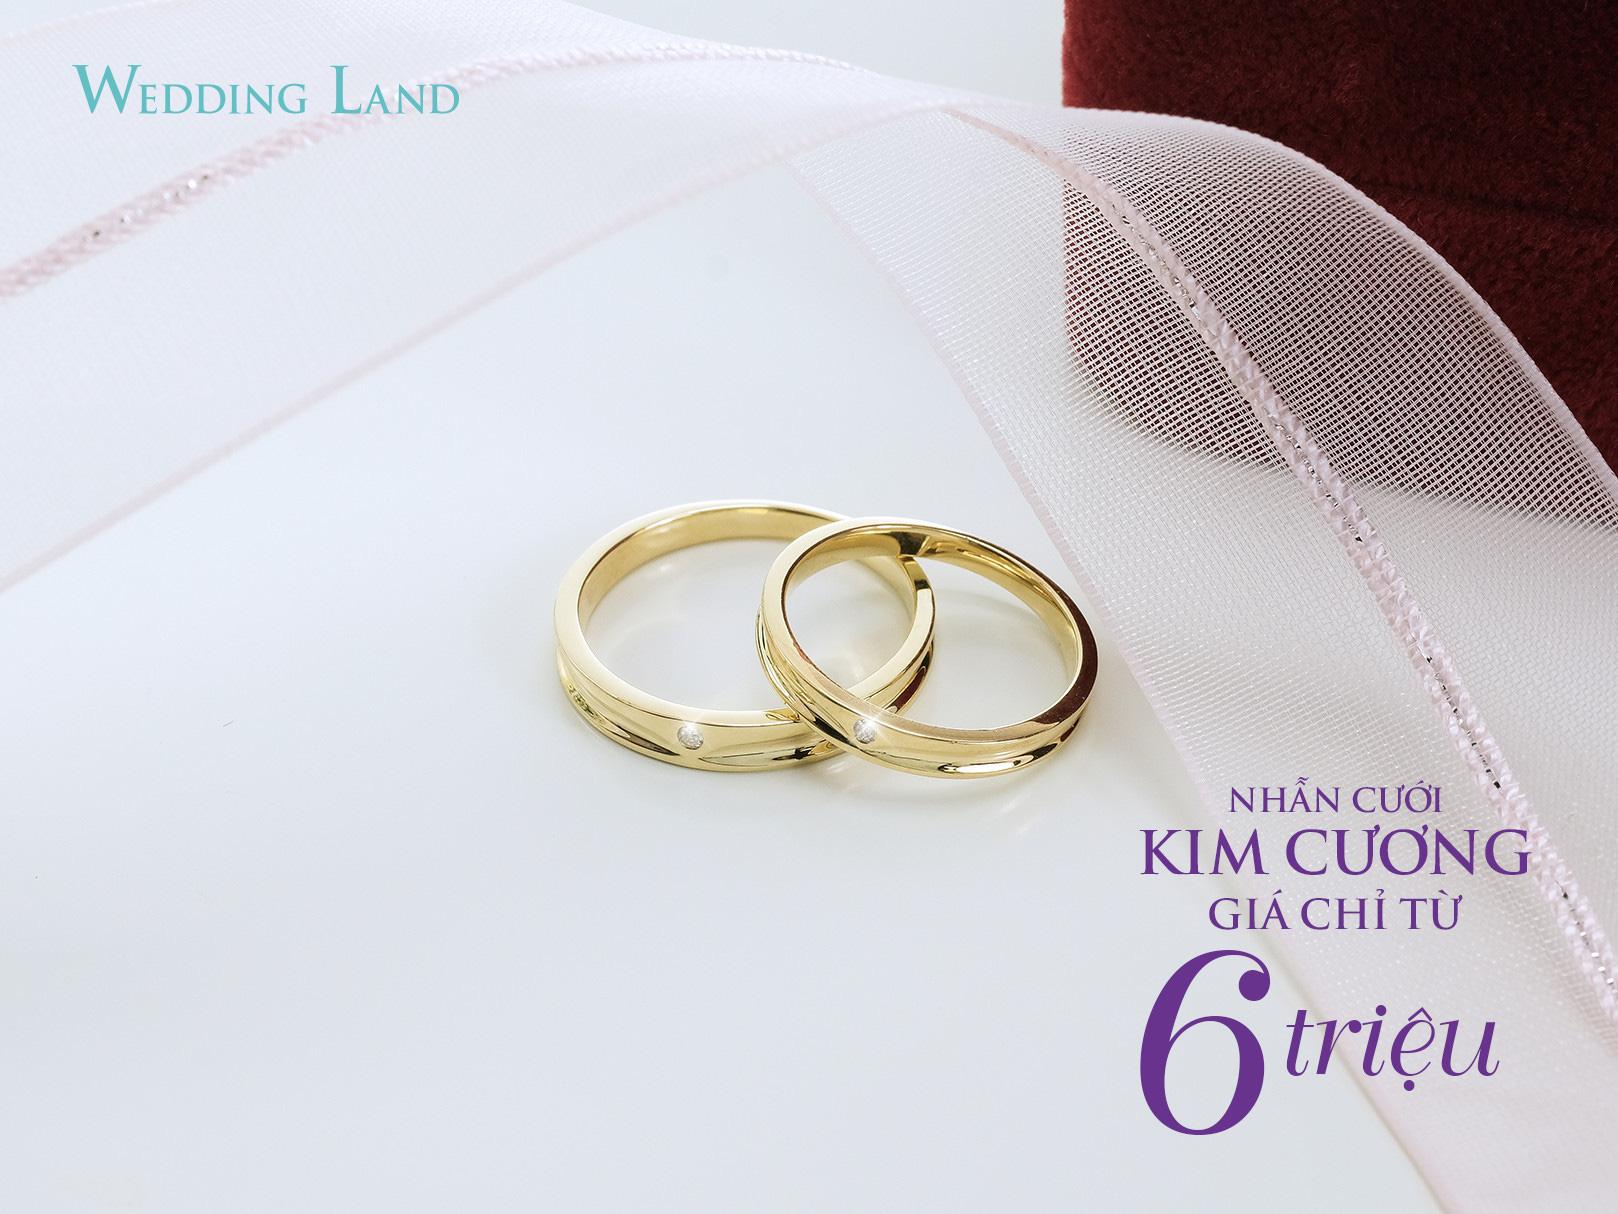 Cận cảnh nhẫn cưới kim cương giá 6 triệu đồng hot nhất thị trường - Ảnh 1.